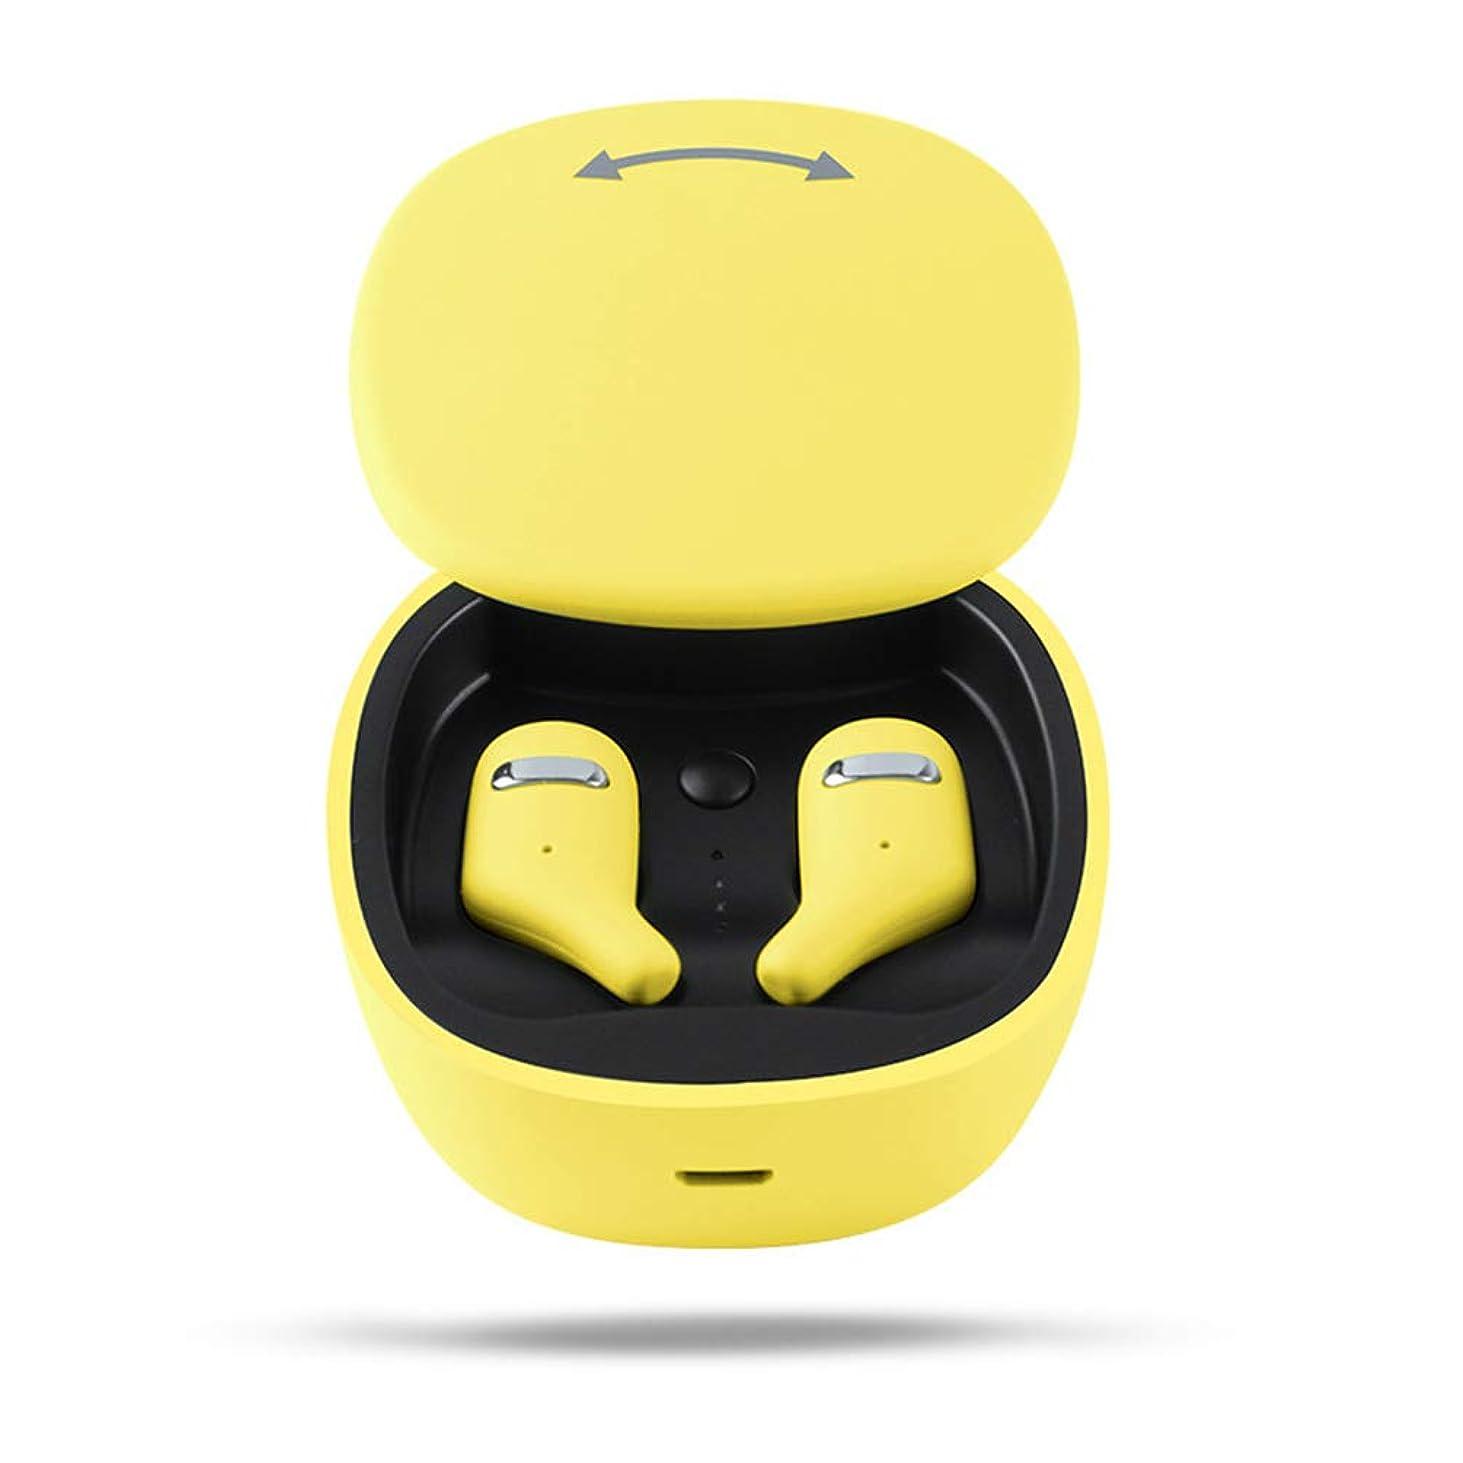 チャネル高尚な余韻ワイヤレスヘッドフォンブルートゥース5.0低音ステレオサウンドイヤホンポータブル屋外イヤホン付きマイクポータブル充電ケース,black-yellow